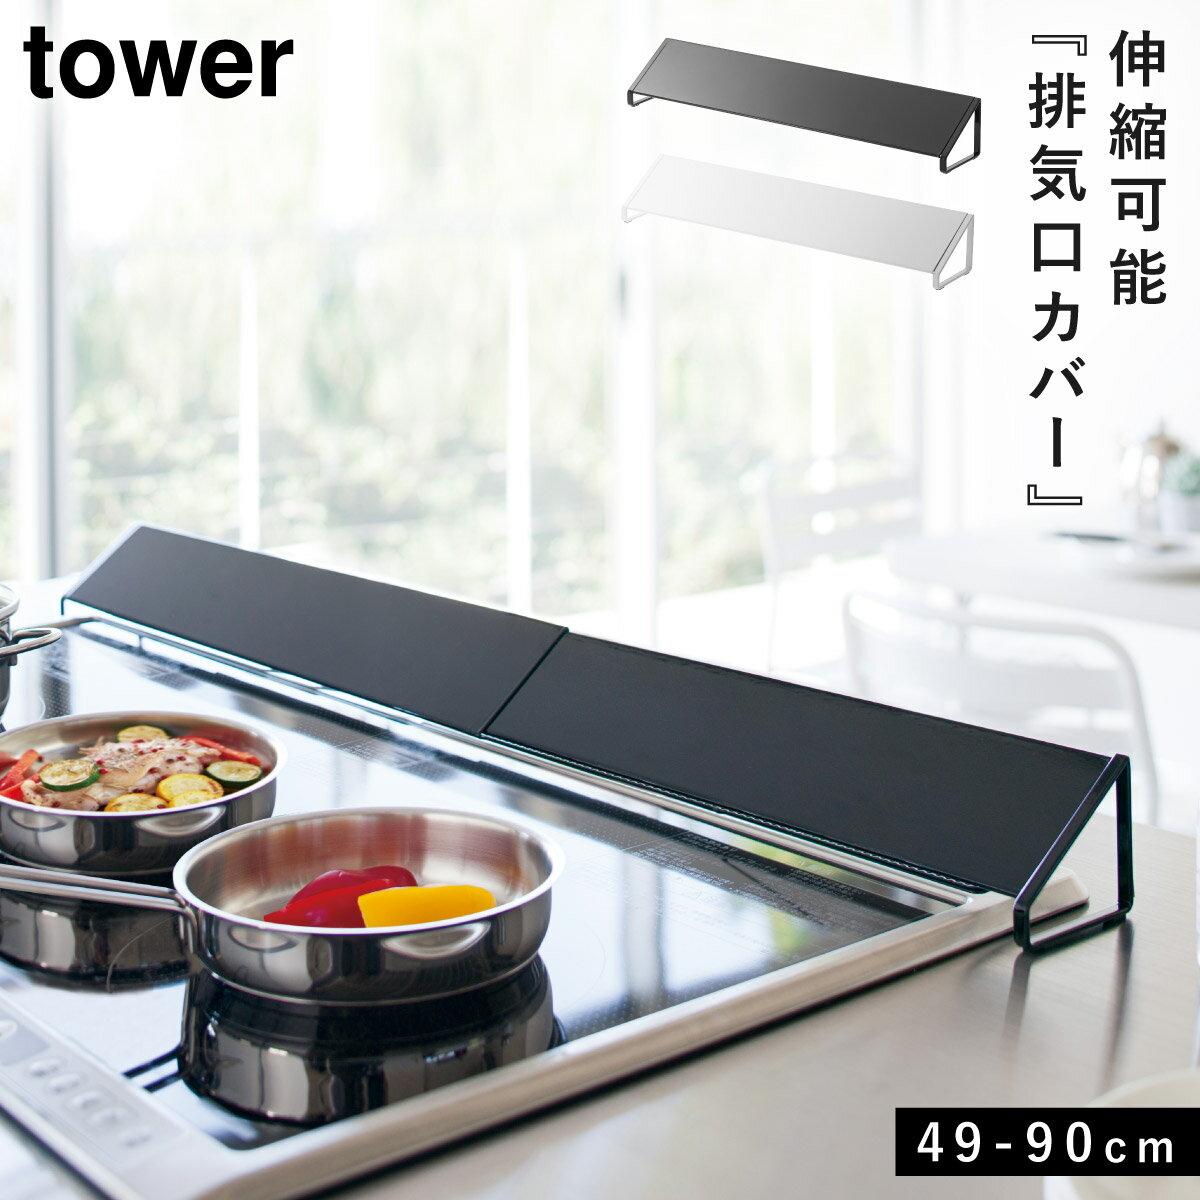 排気口カバー 65cm 70cm コンロ 油汚れ 防ぐ 伸縮性 排気口カバー ガスコンロ タワー 白い 黒 tower